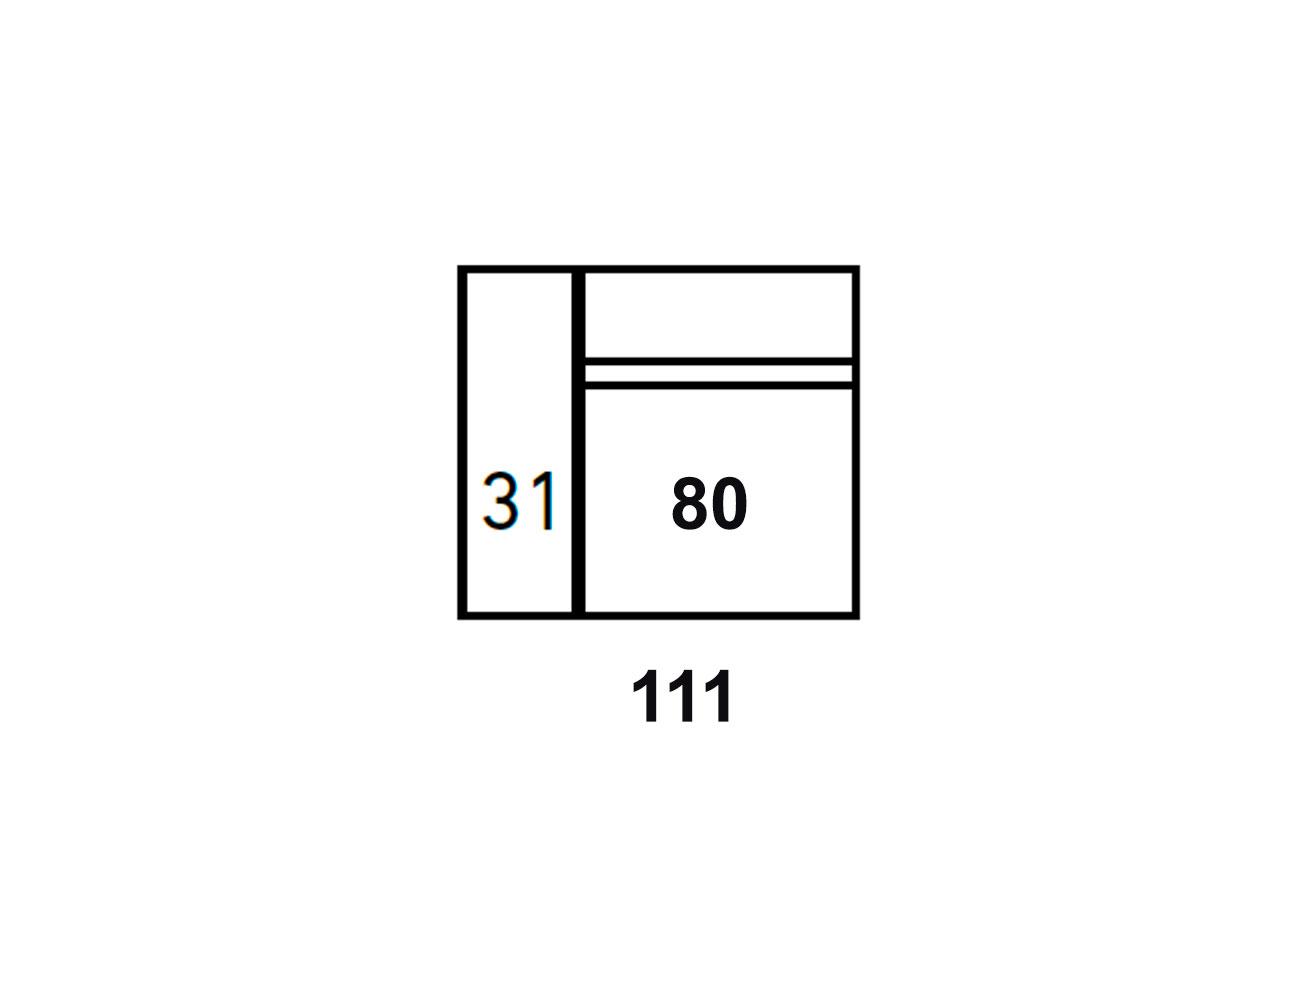 Modulo 1p 1113